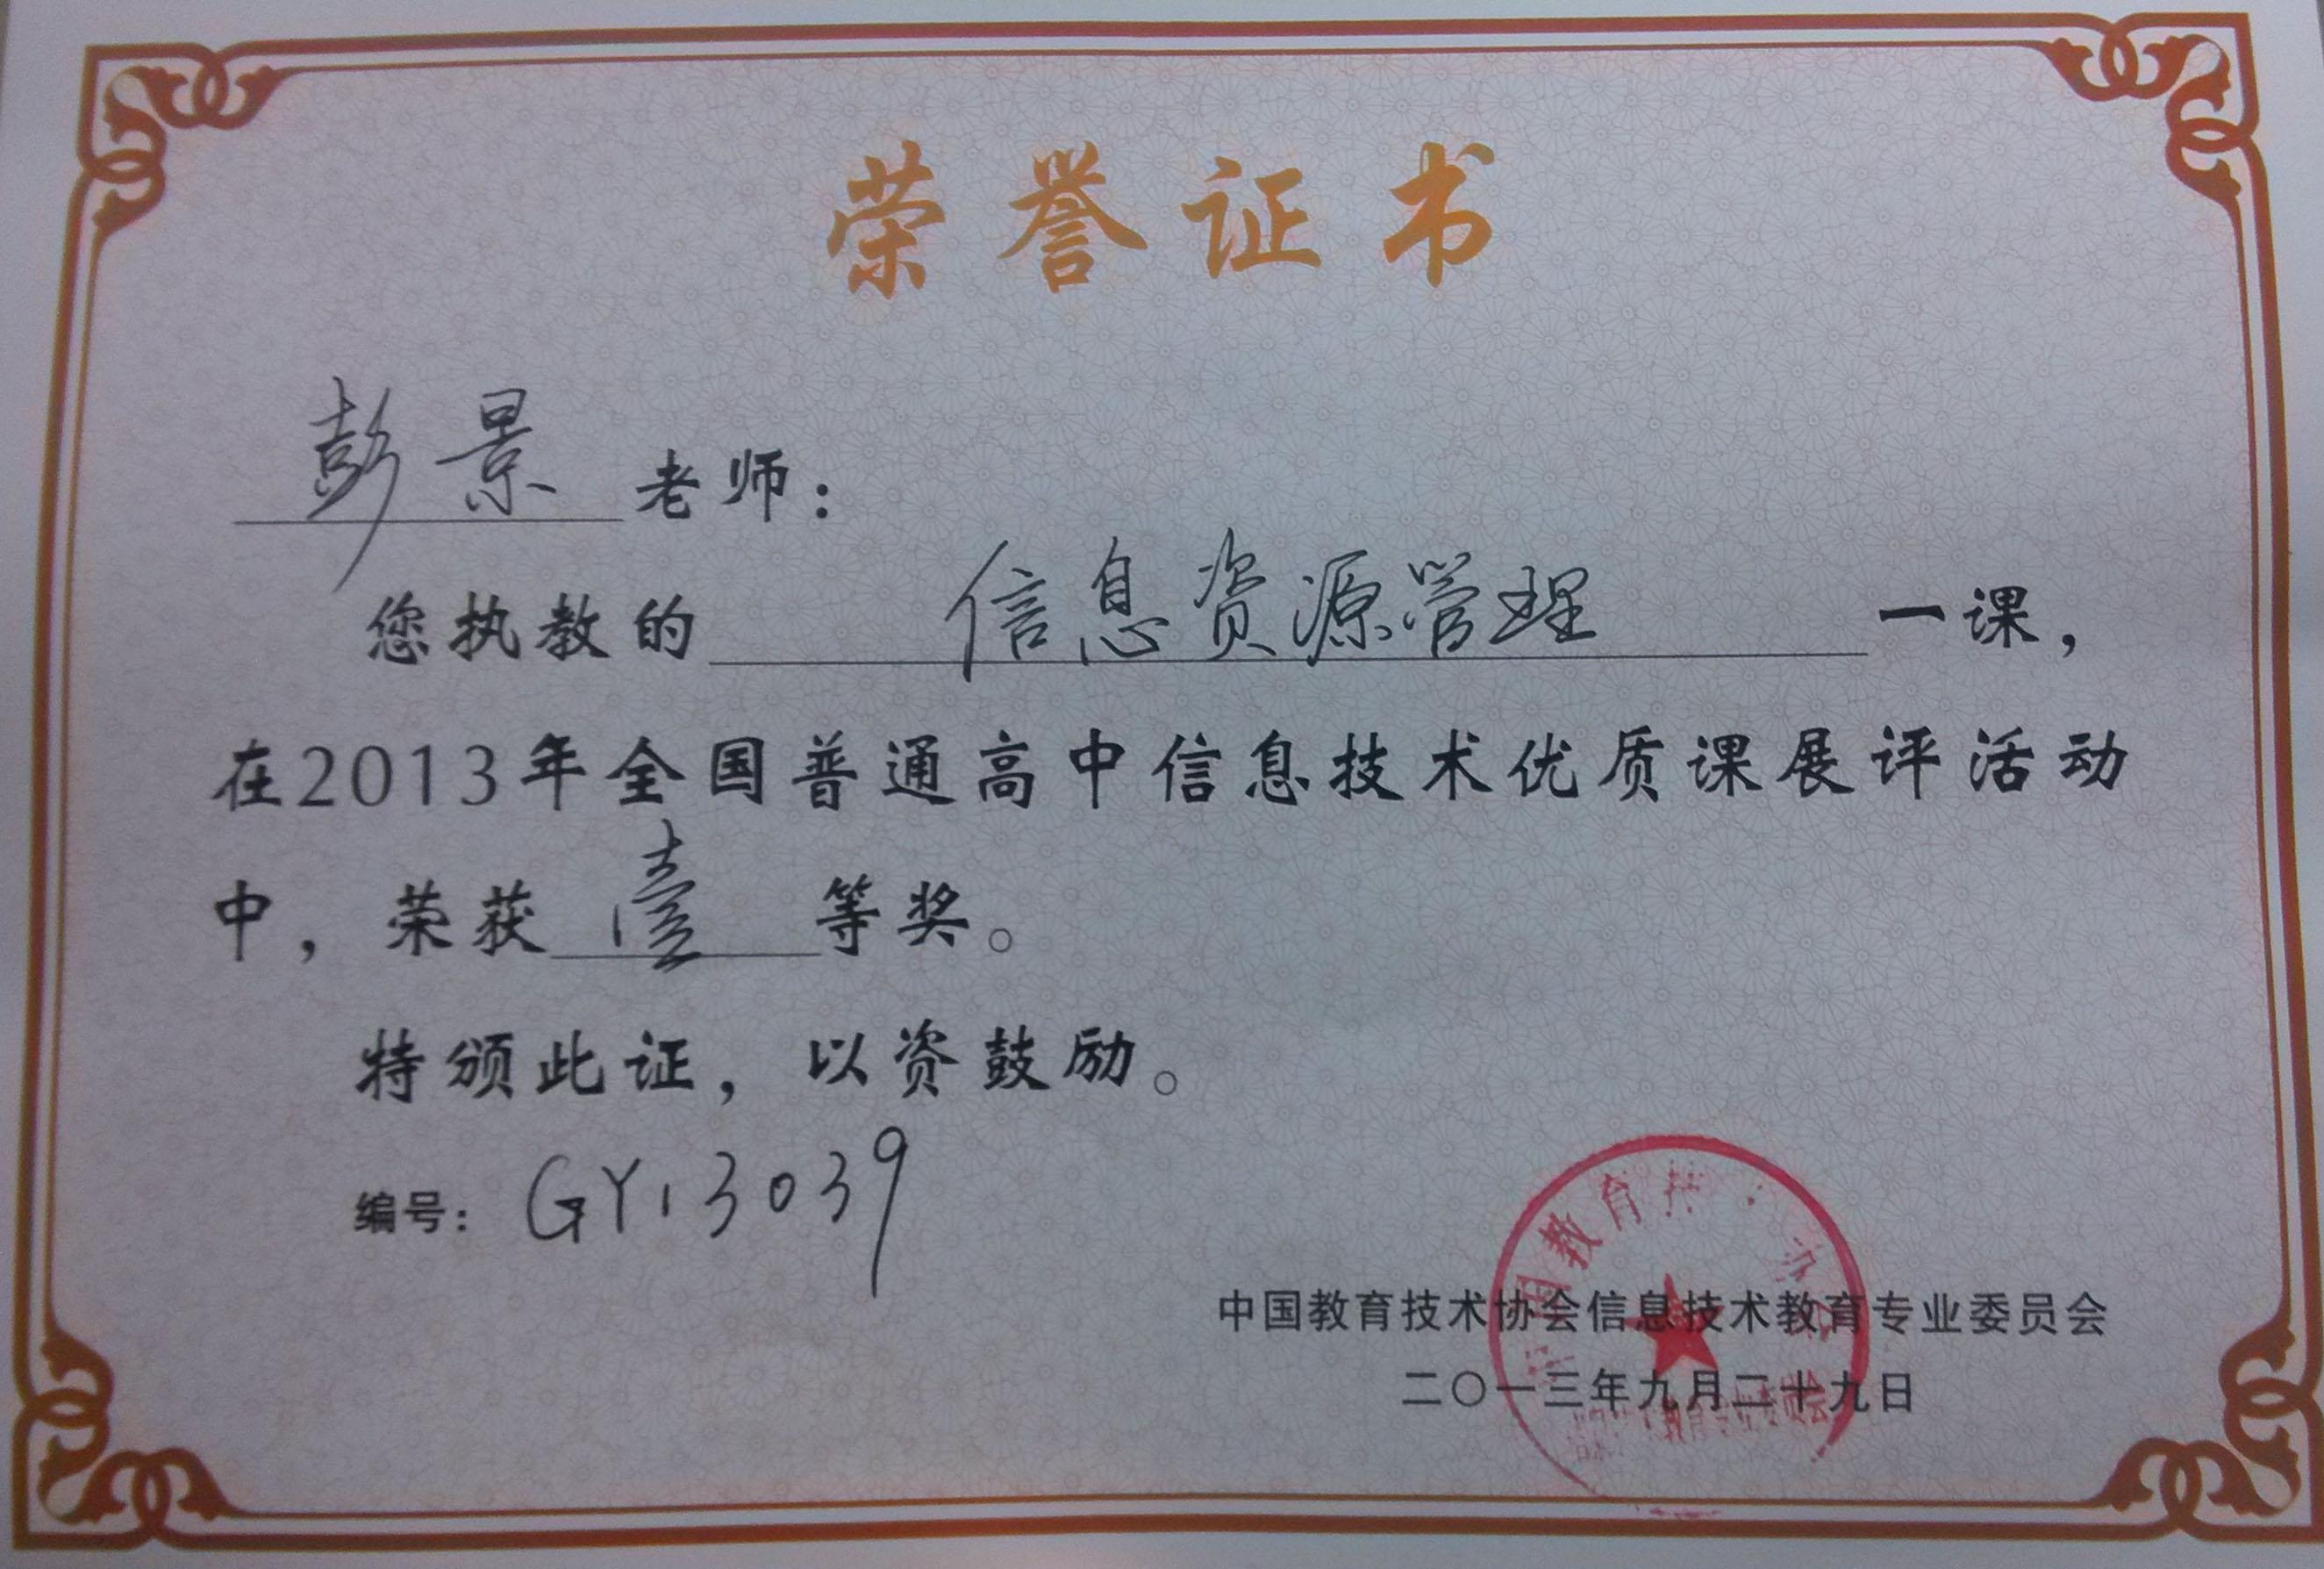 获奖证书 我校教师彭景荣获2013年全国高中信息技术优质课高清图片